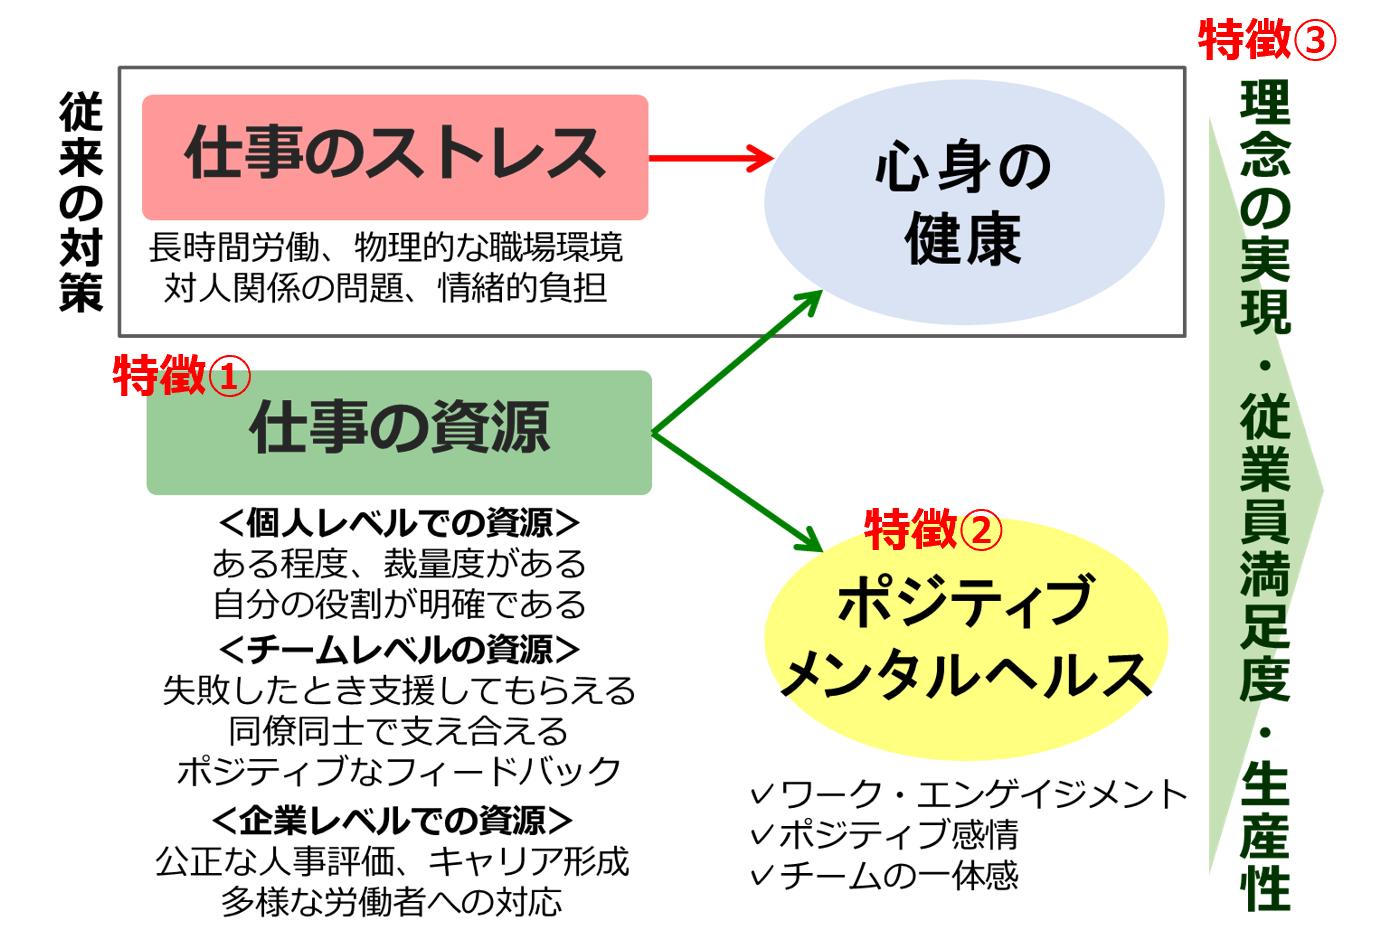 図:ポジティブメンタルヘルス対策の特徴